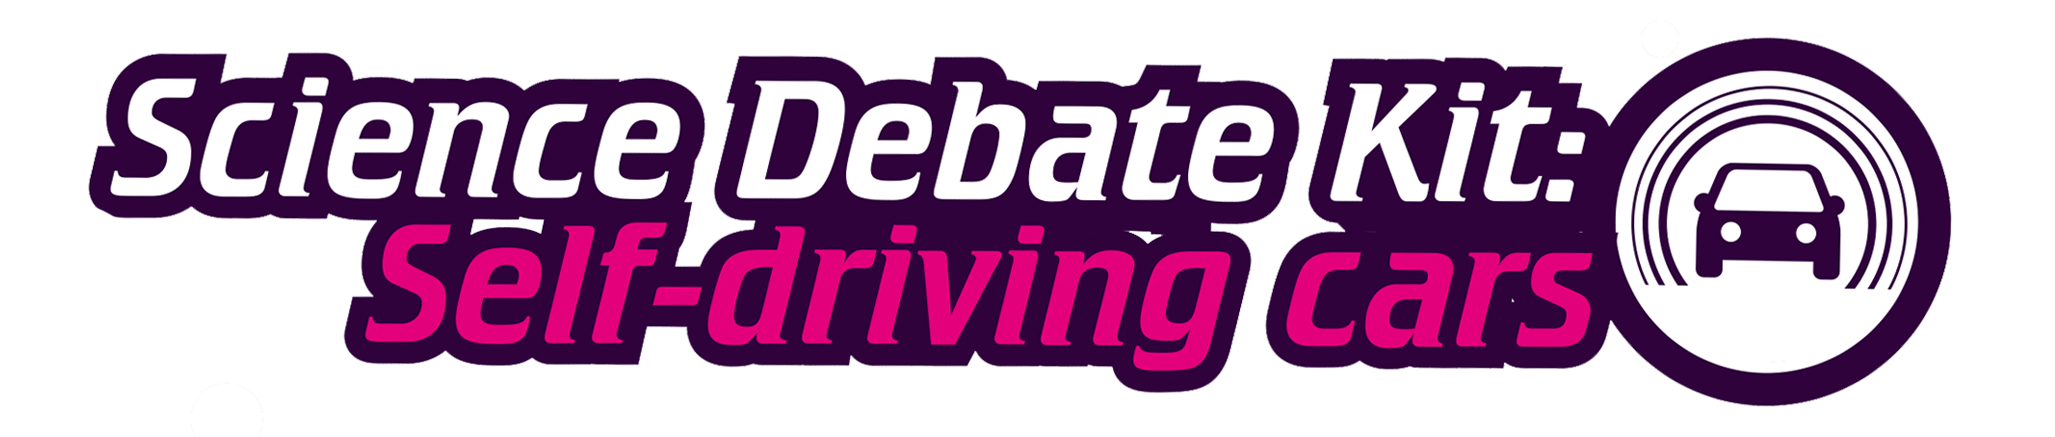 Self-Driving Cars Debate Kit